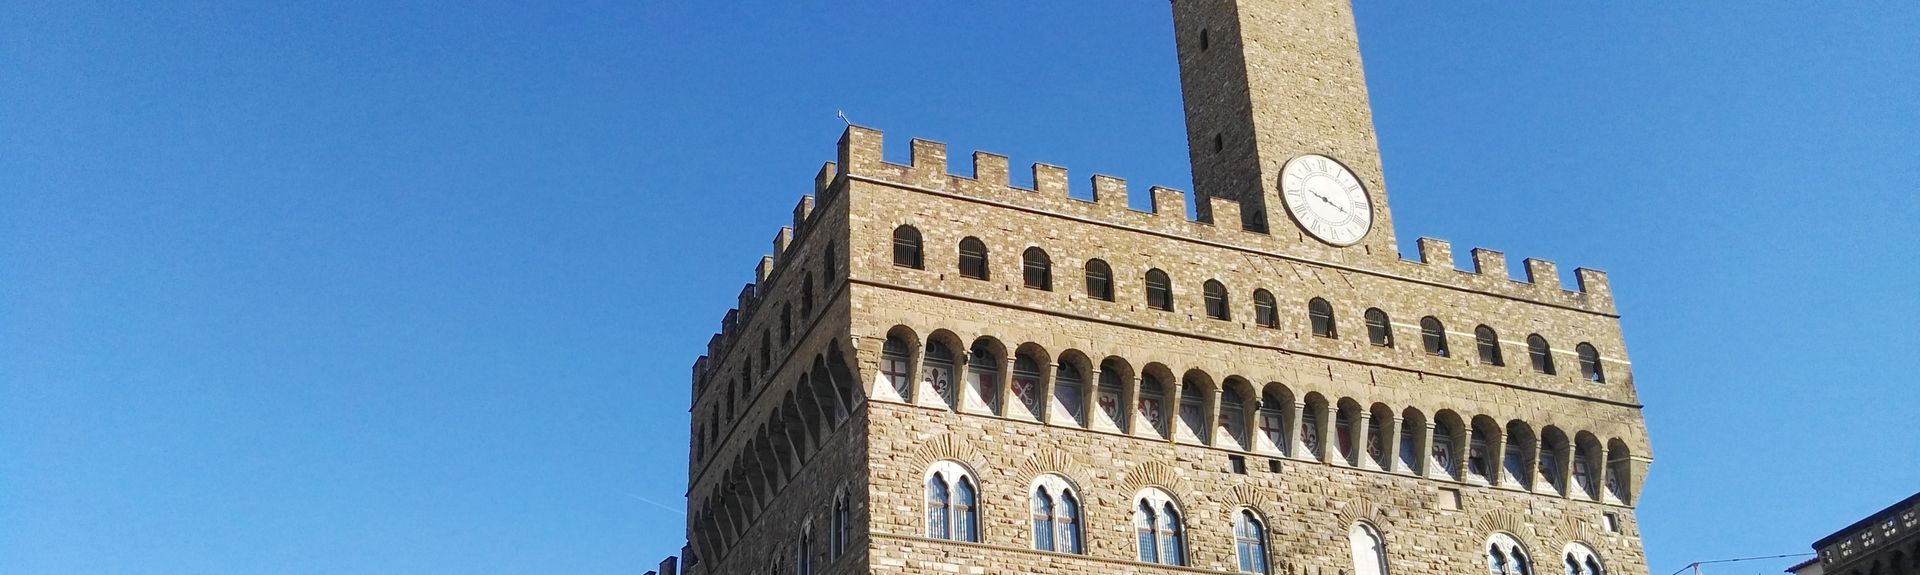 Santa Croce, Florencia, Toscana, Italia